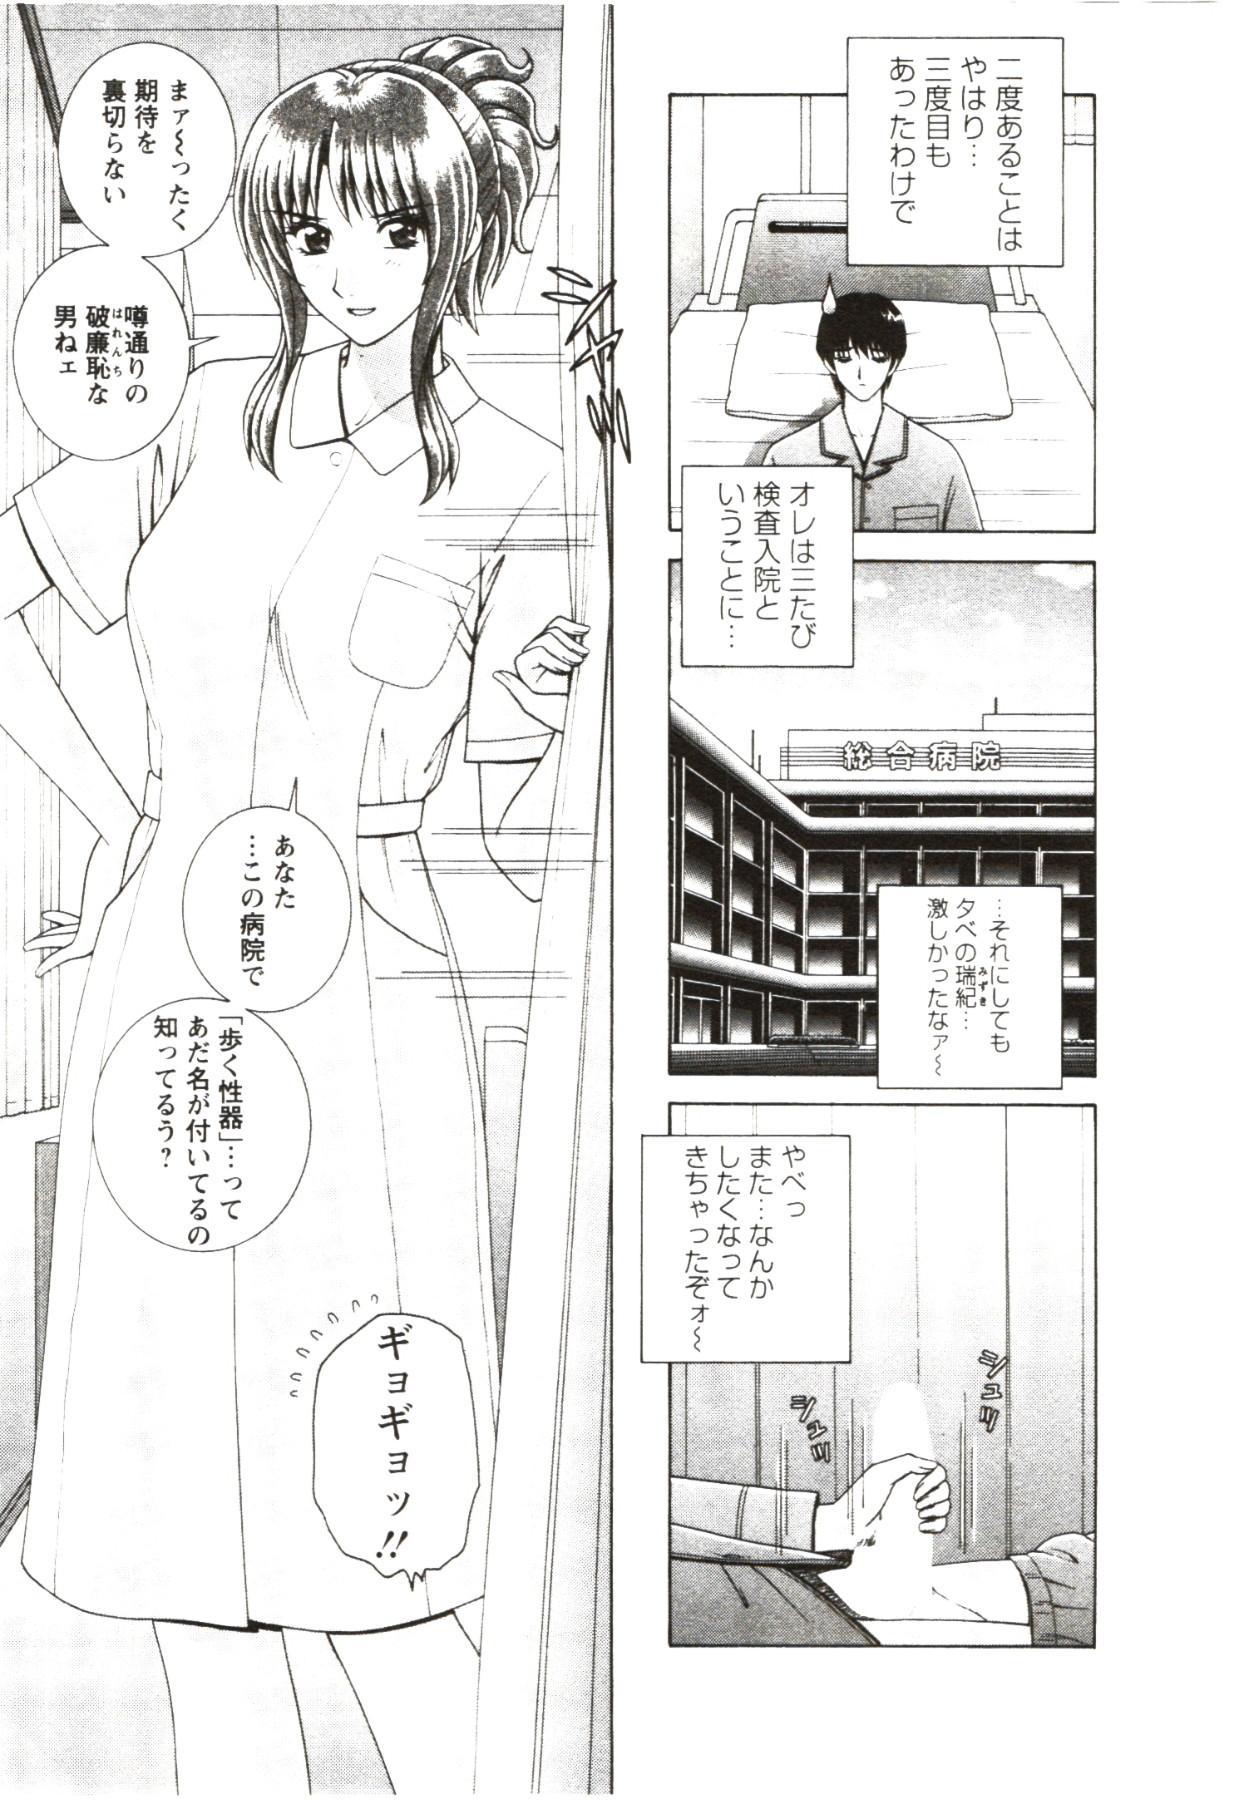 Futarigurashi 174